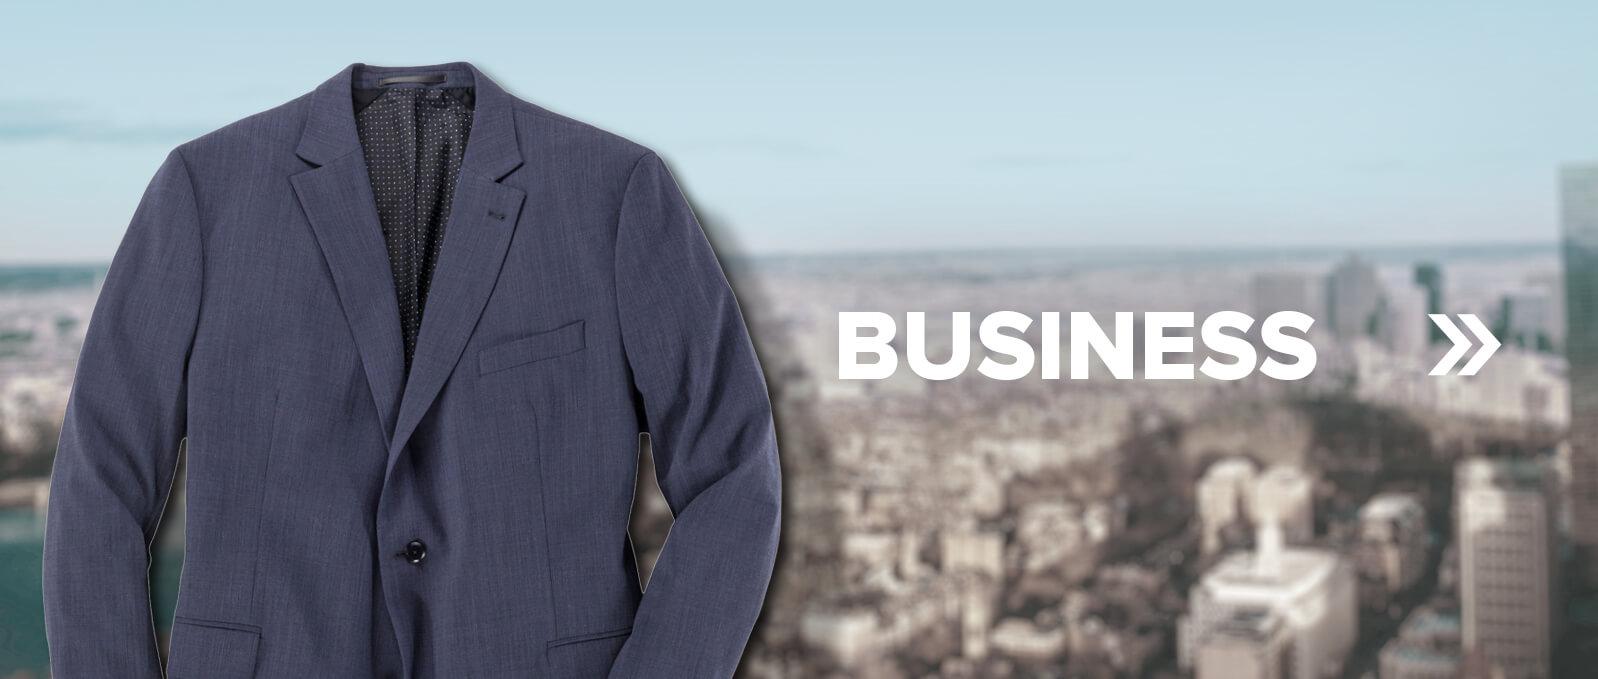 Schaltfläche zur Kategorie Business